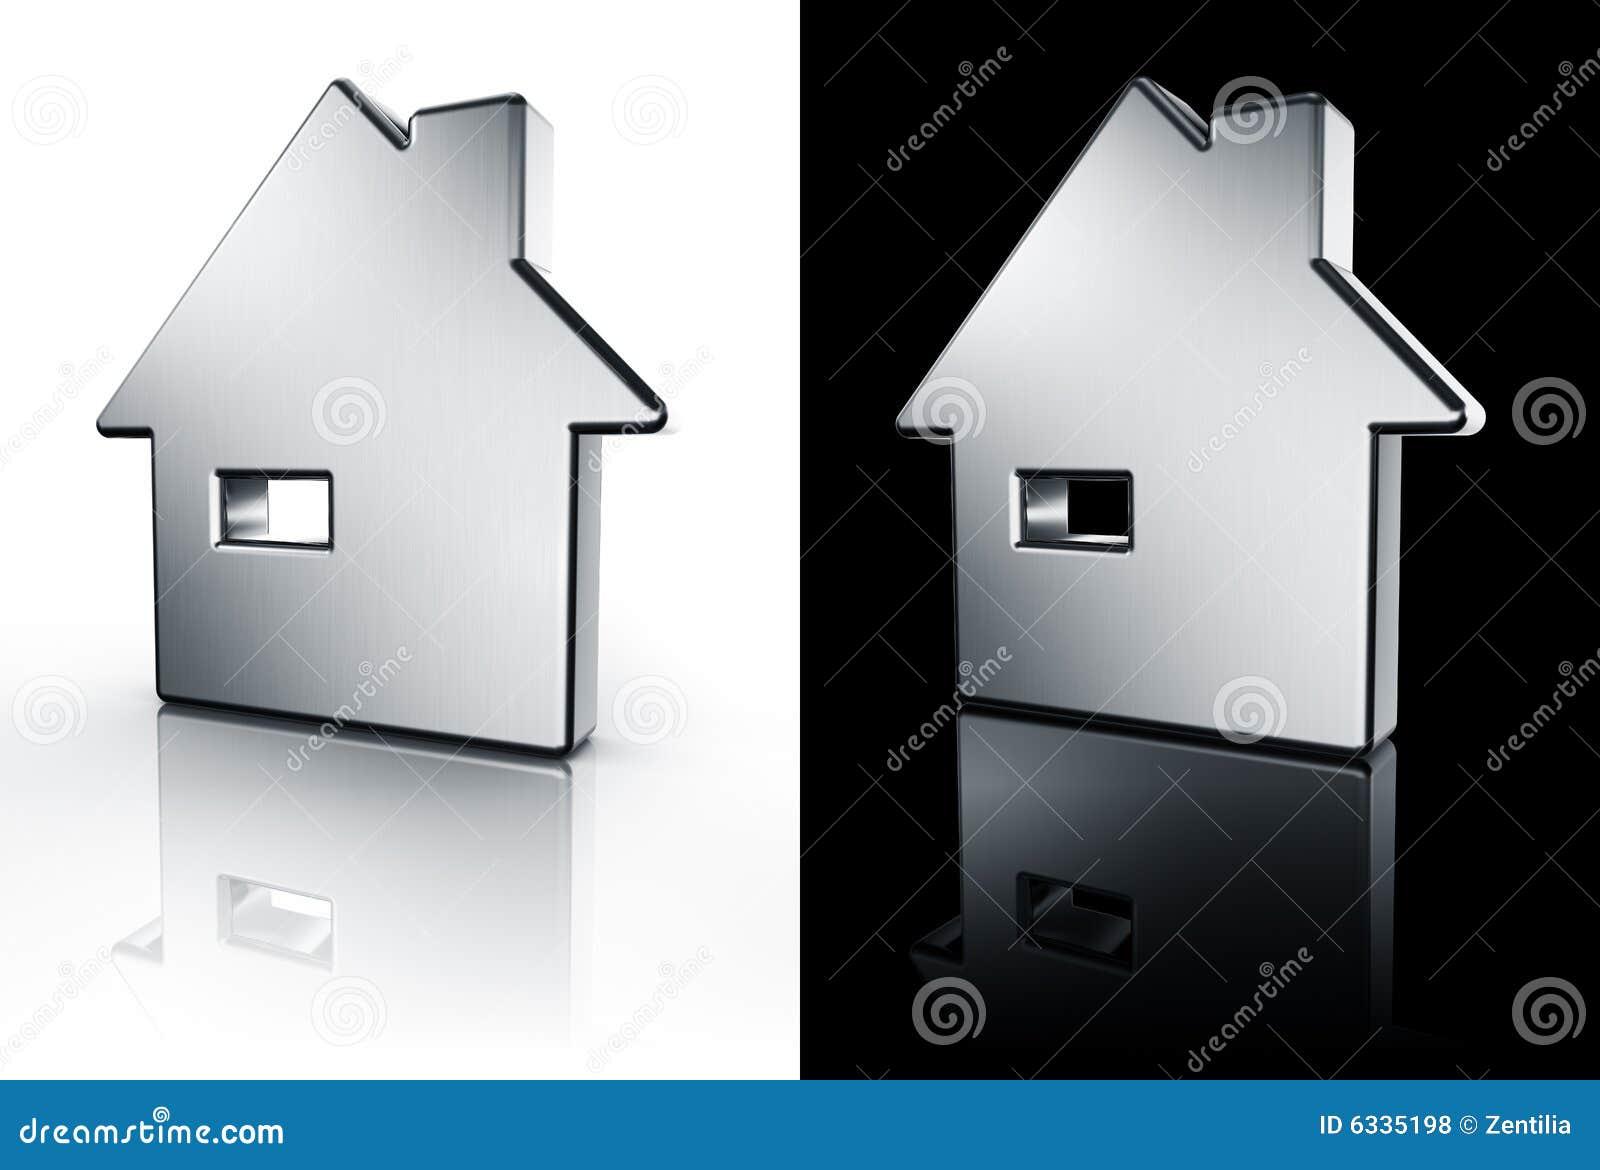 Icono de la casa en el suelo blanco y negro fotos de for Suelo 3d blanco